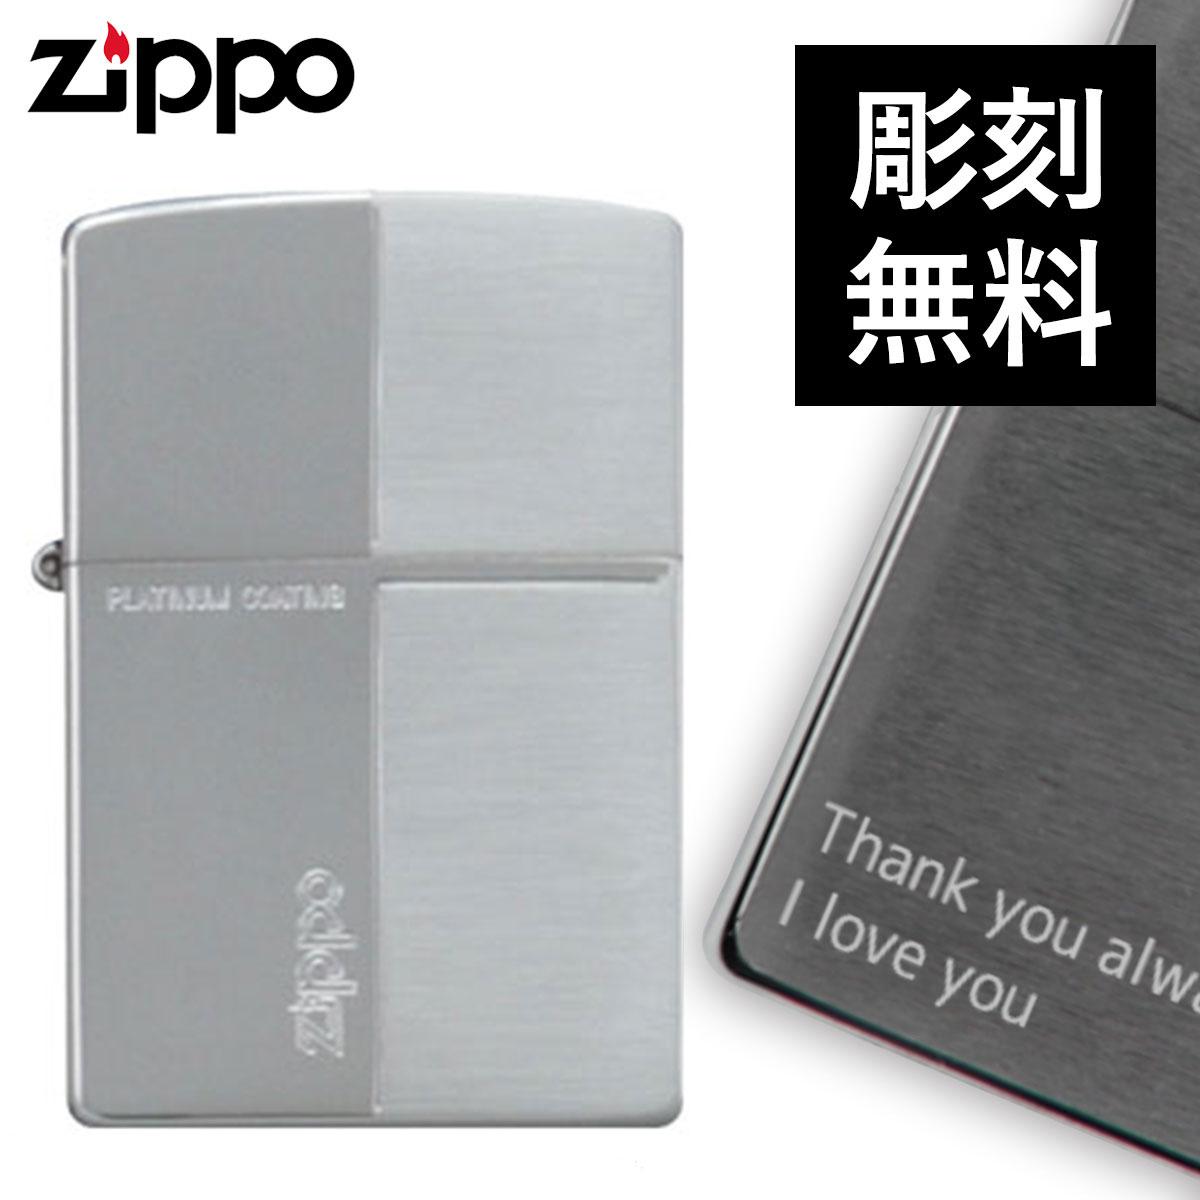 zippo 名入れ ジッポー ライター PZ9 名入れ ギフト オイルライター ジッポライター ギフト プレゼント 彼氏 男性 メンズ